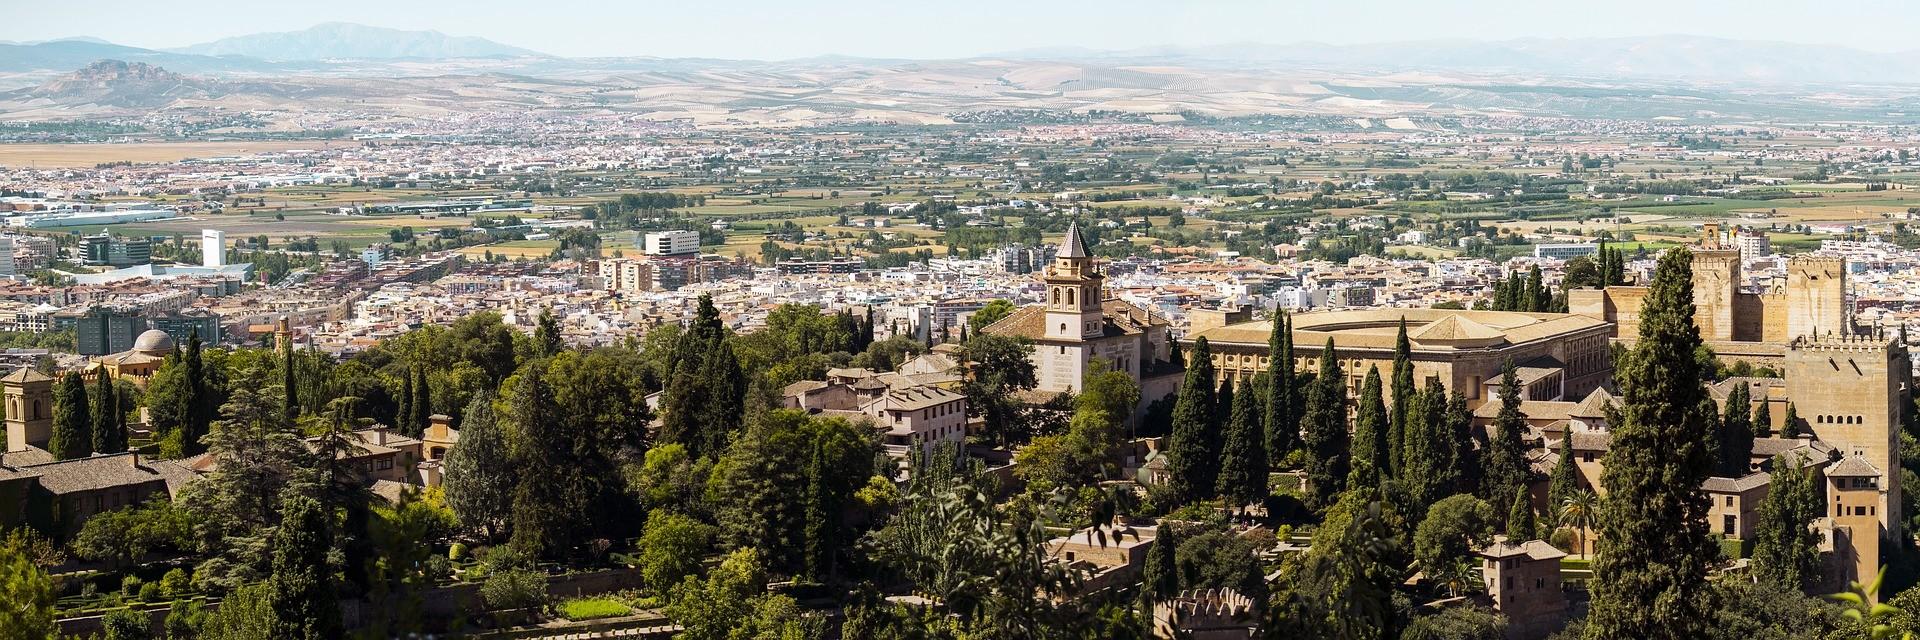 ¿Qué ver en Granada? La esencia de Al-Andalus